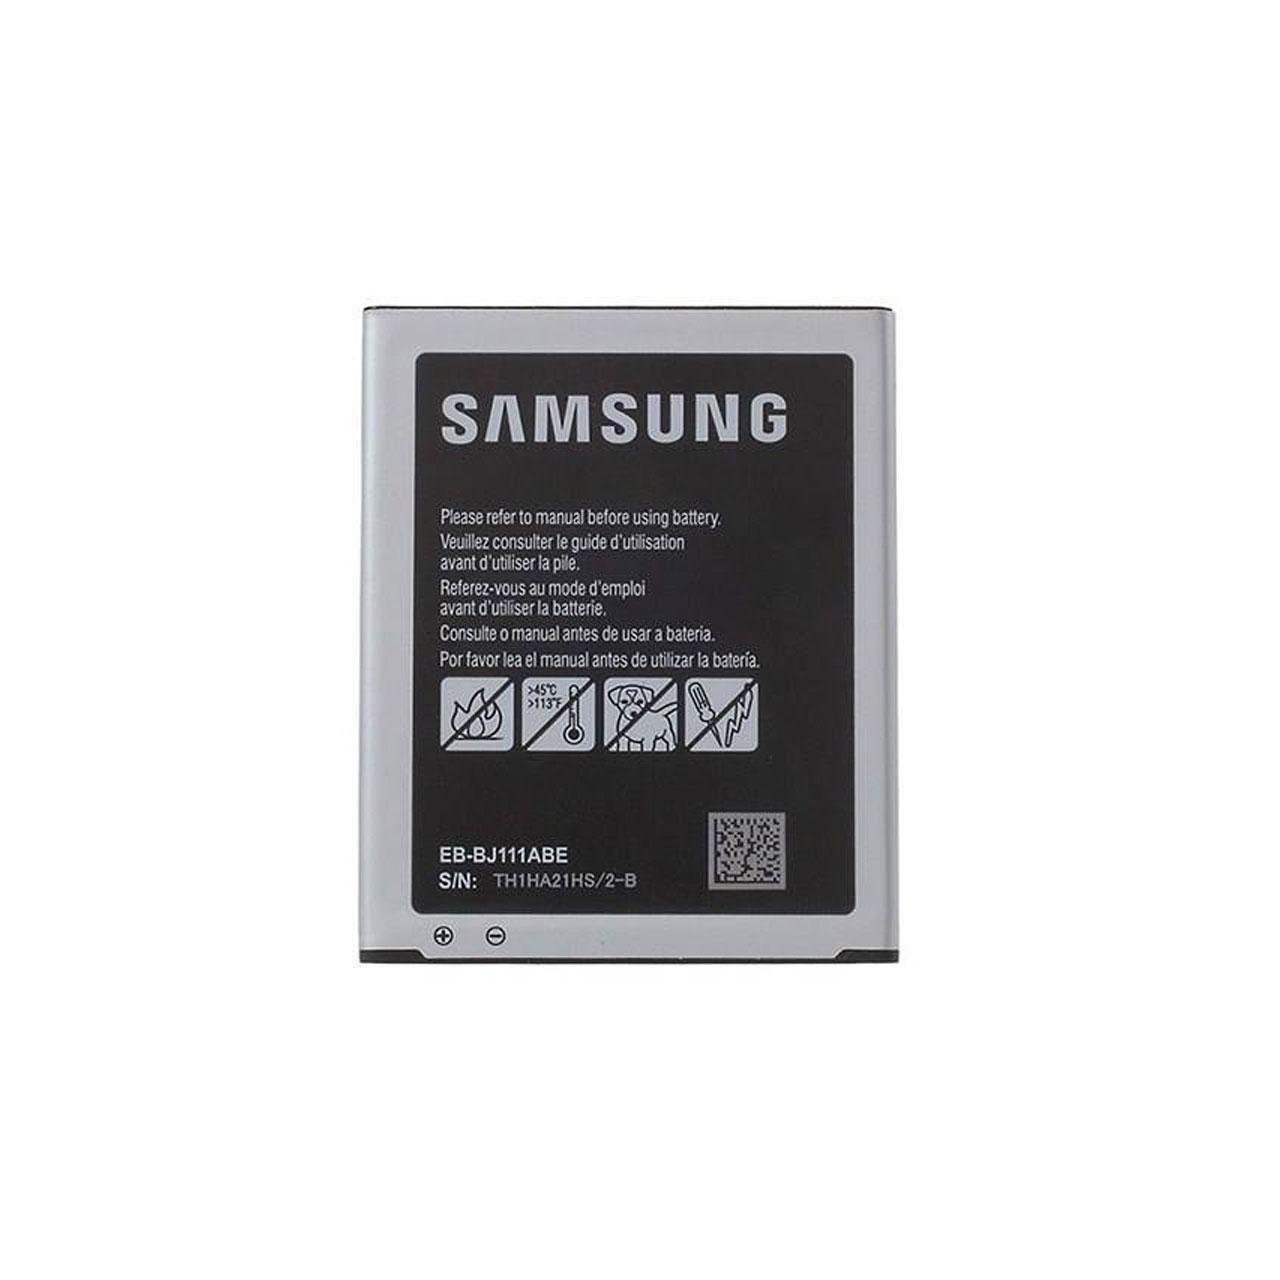 باتری موبایل مدل EB-BJ111ABE ظرفیت 1900 میلی آمپر ساعت مناسب برای گوشی موبایل سامسونگ Galaxy J1 Ace              ( قیمت و خرید)